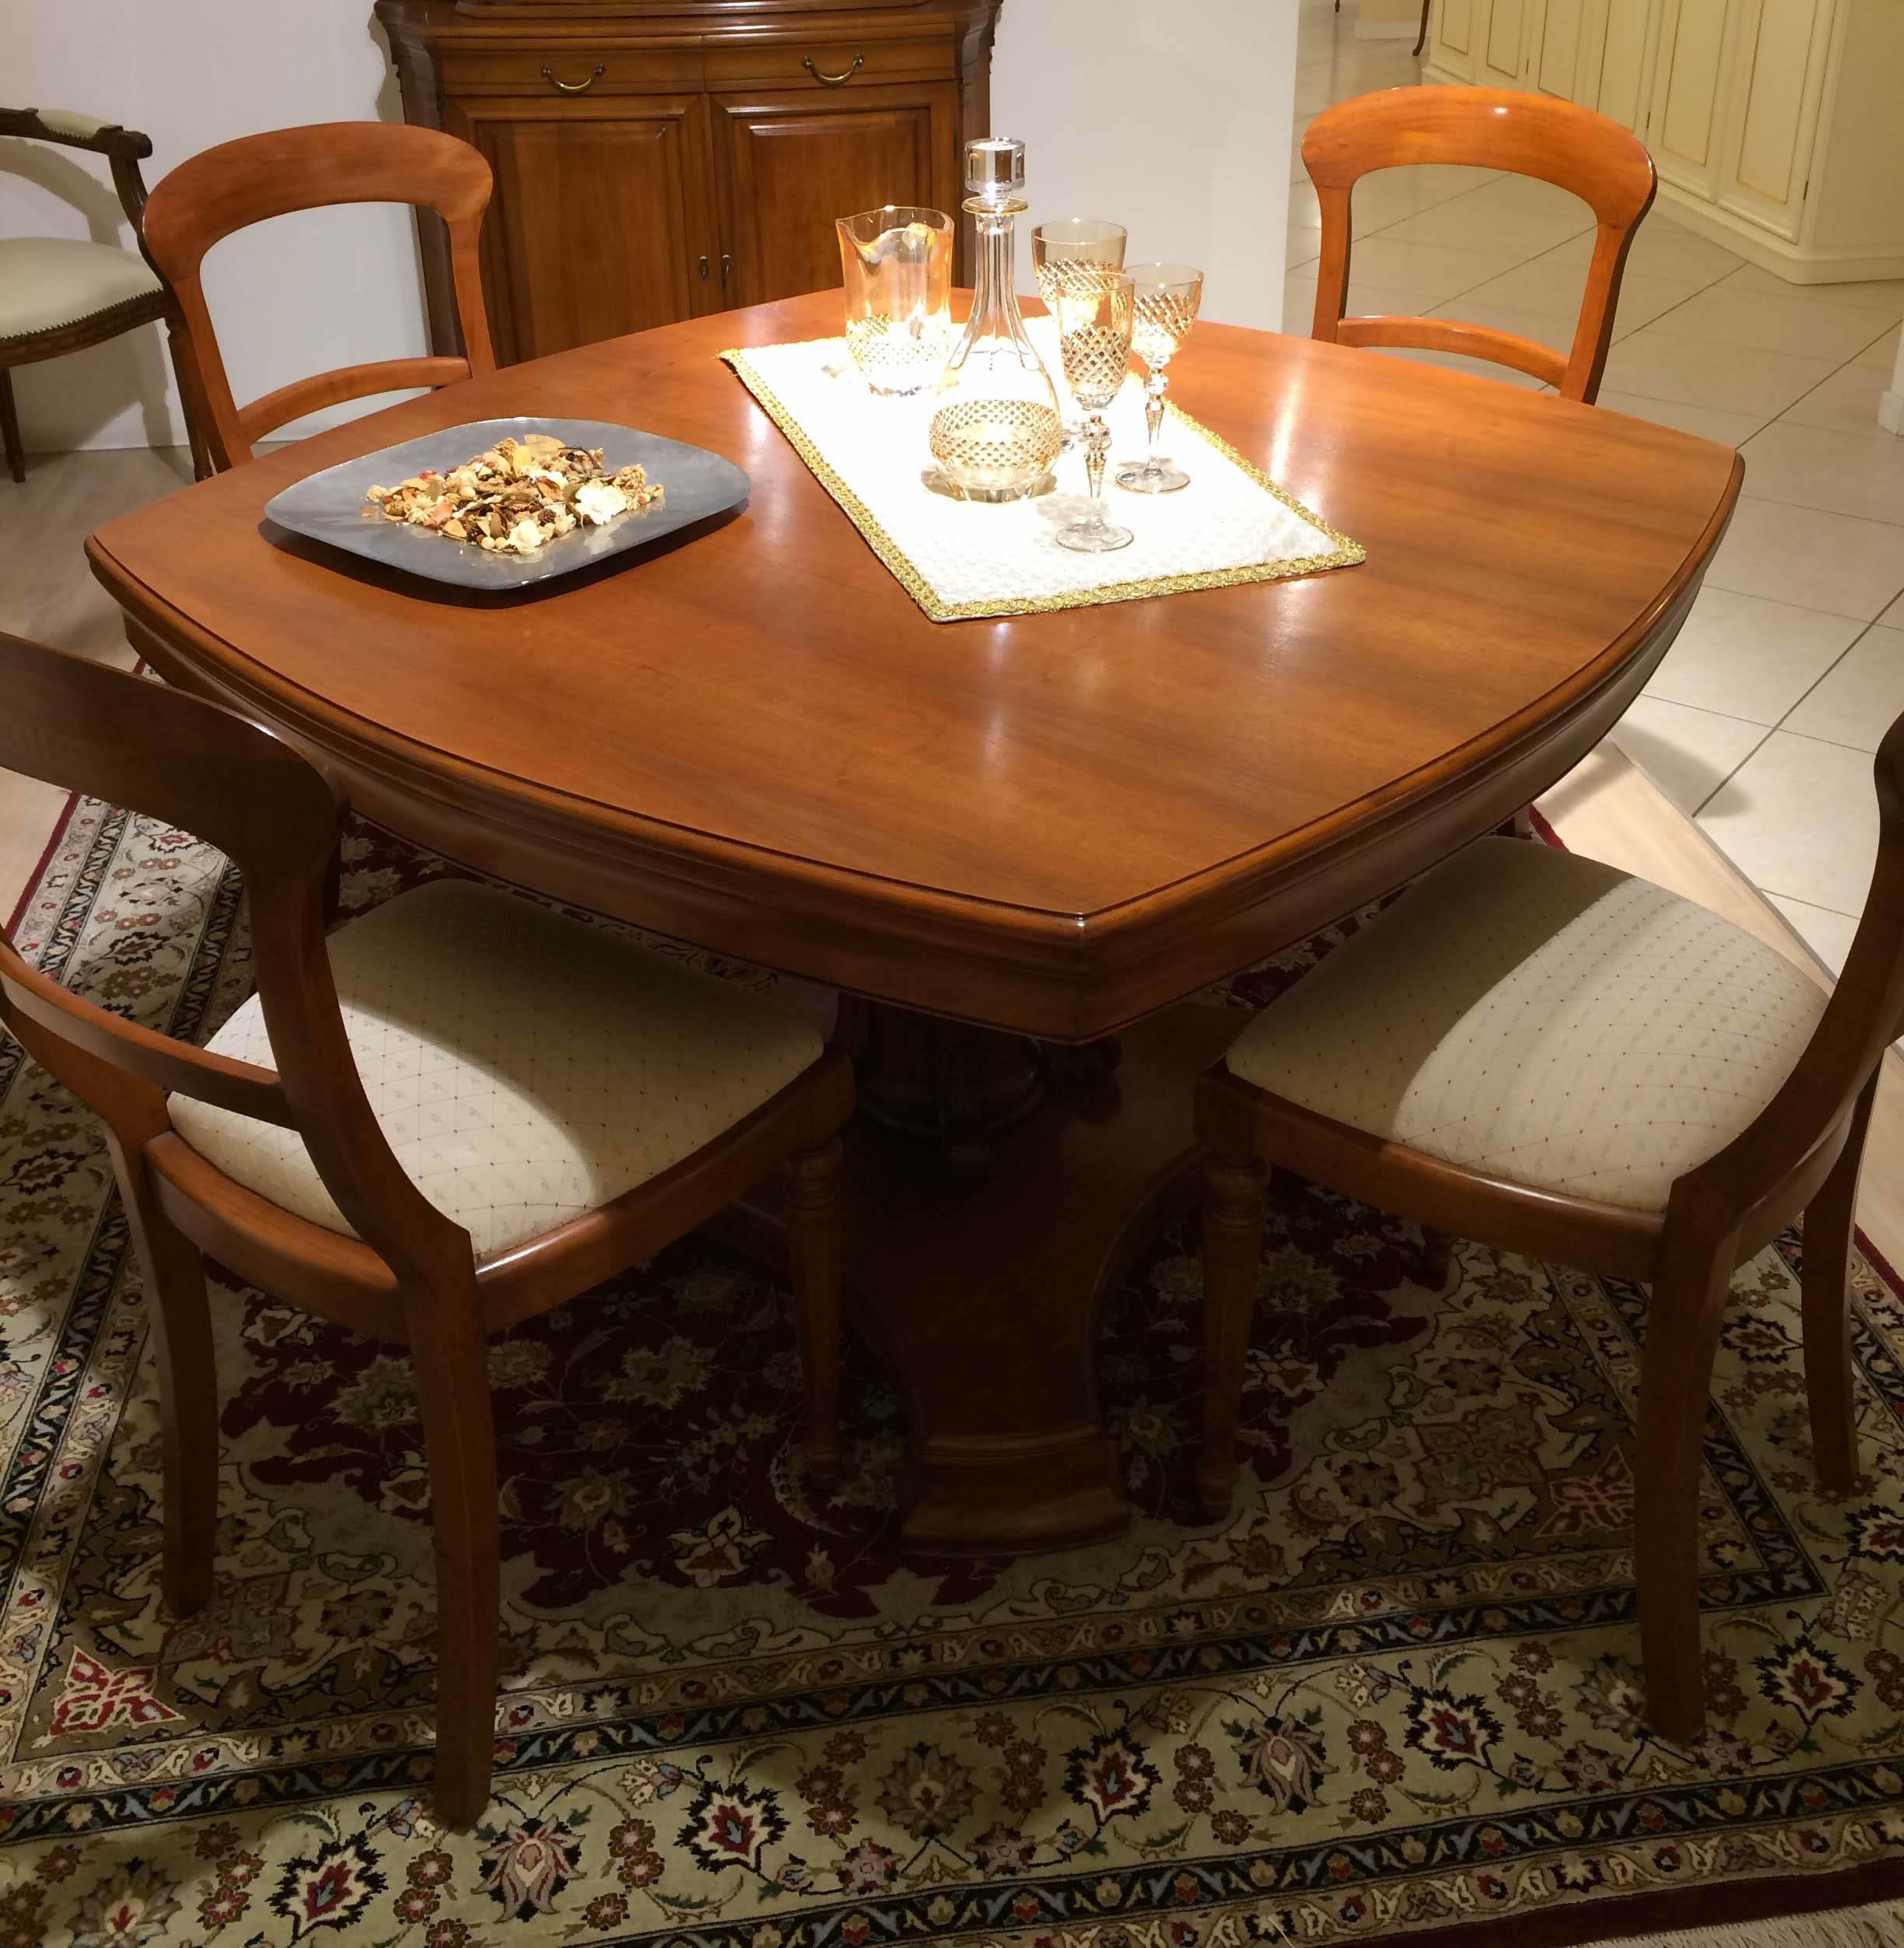 Tavolo quadrato arrotondato stile 800 in legno for Tavolo rotondo legno chiaro